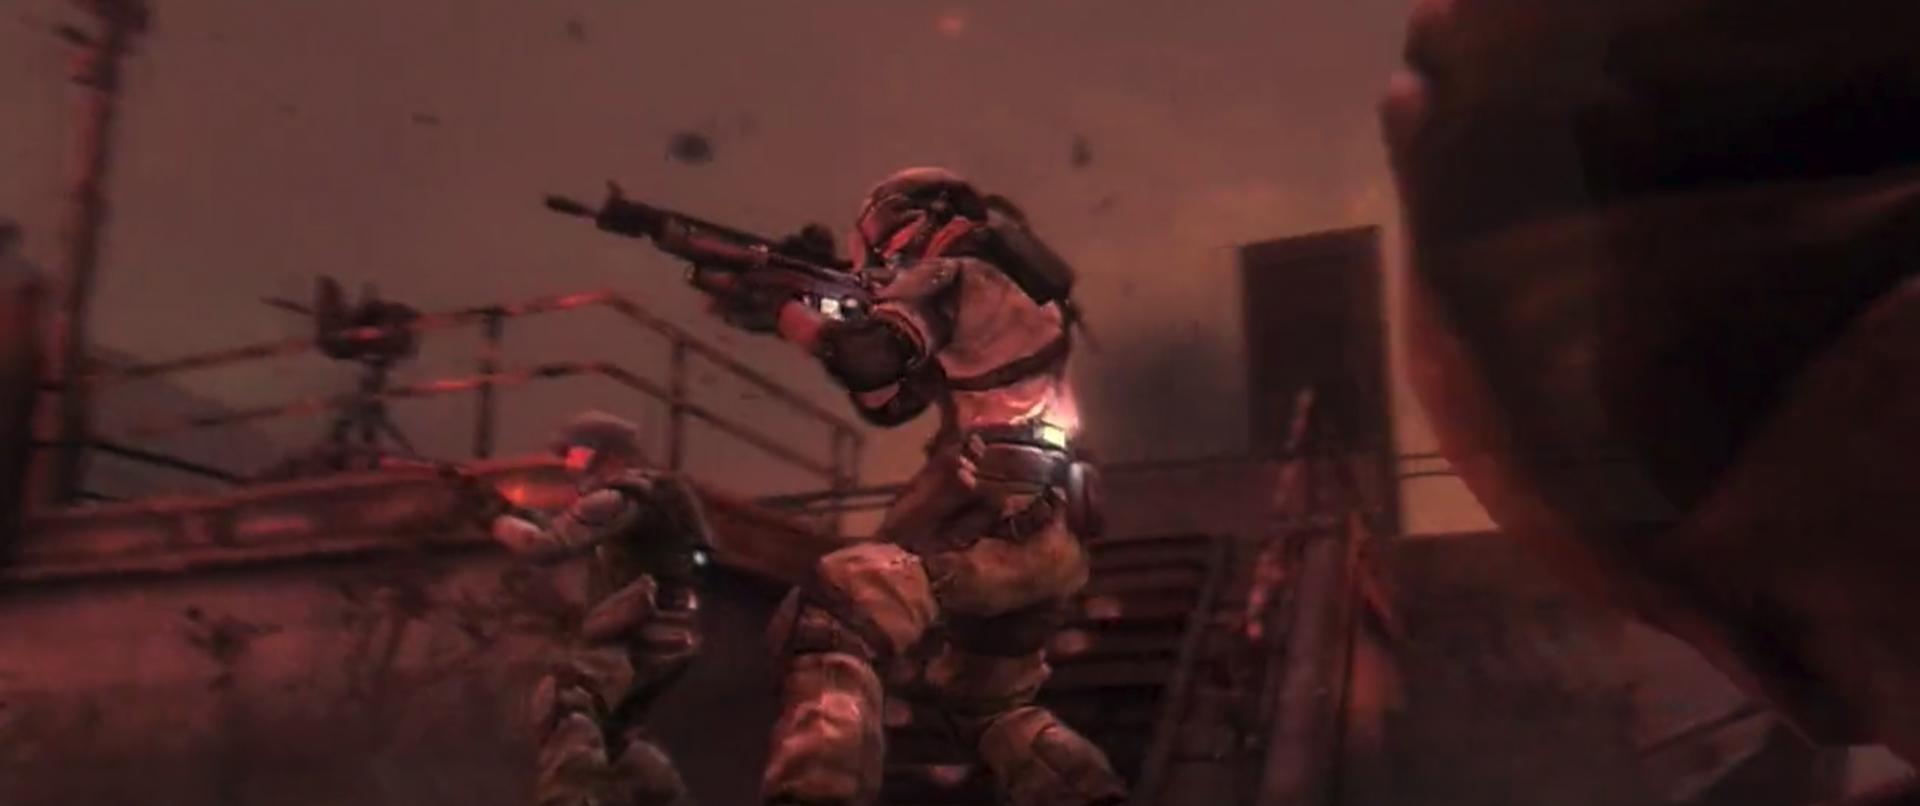 Playstation - Killzone 2